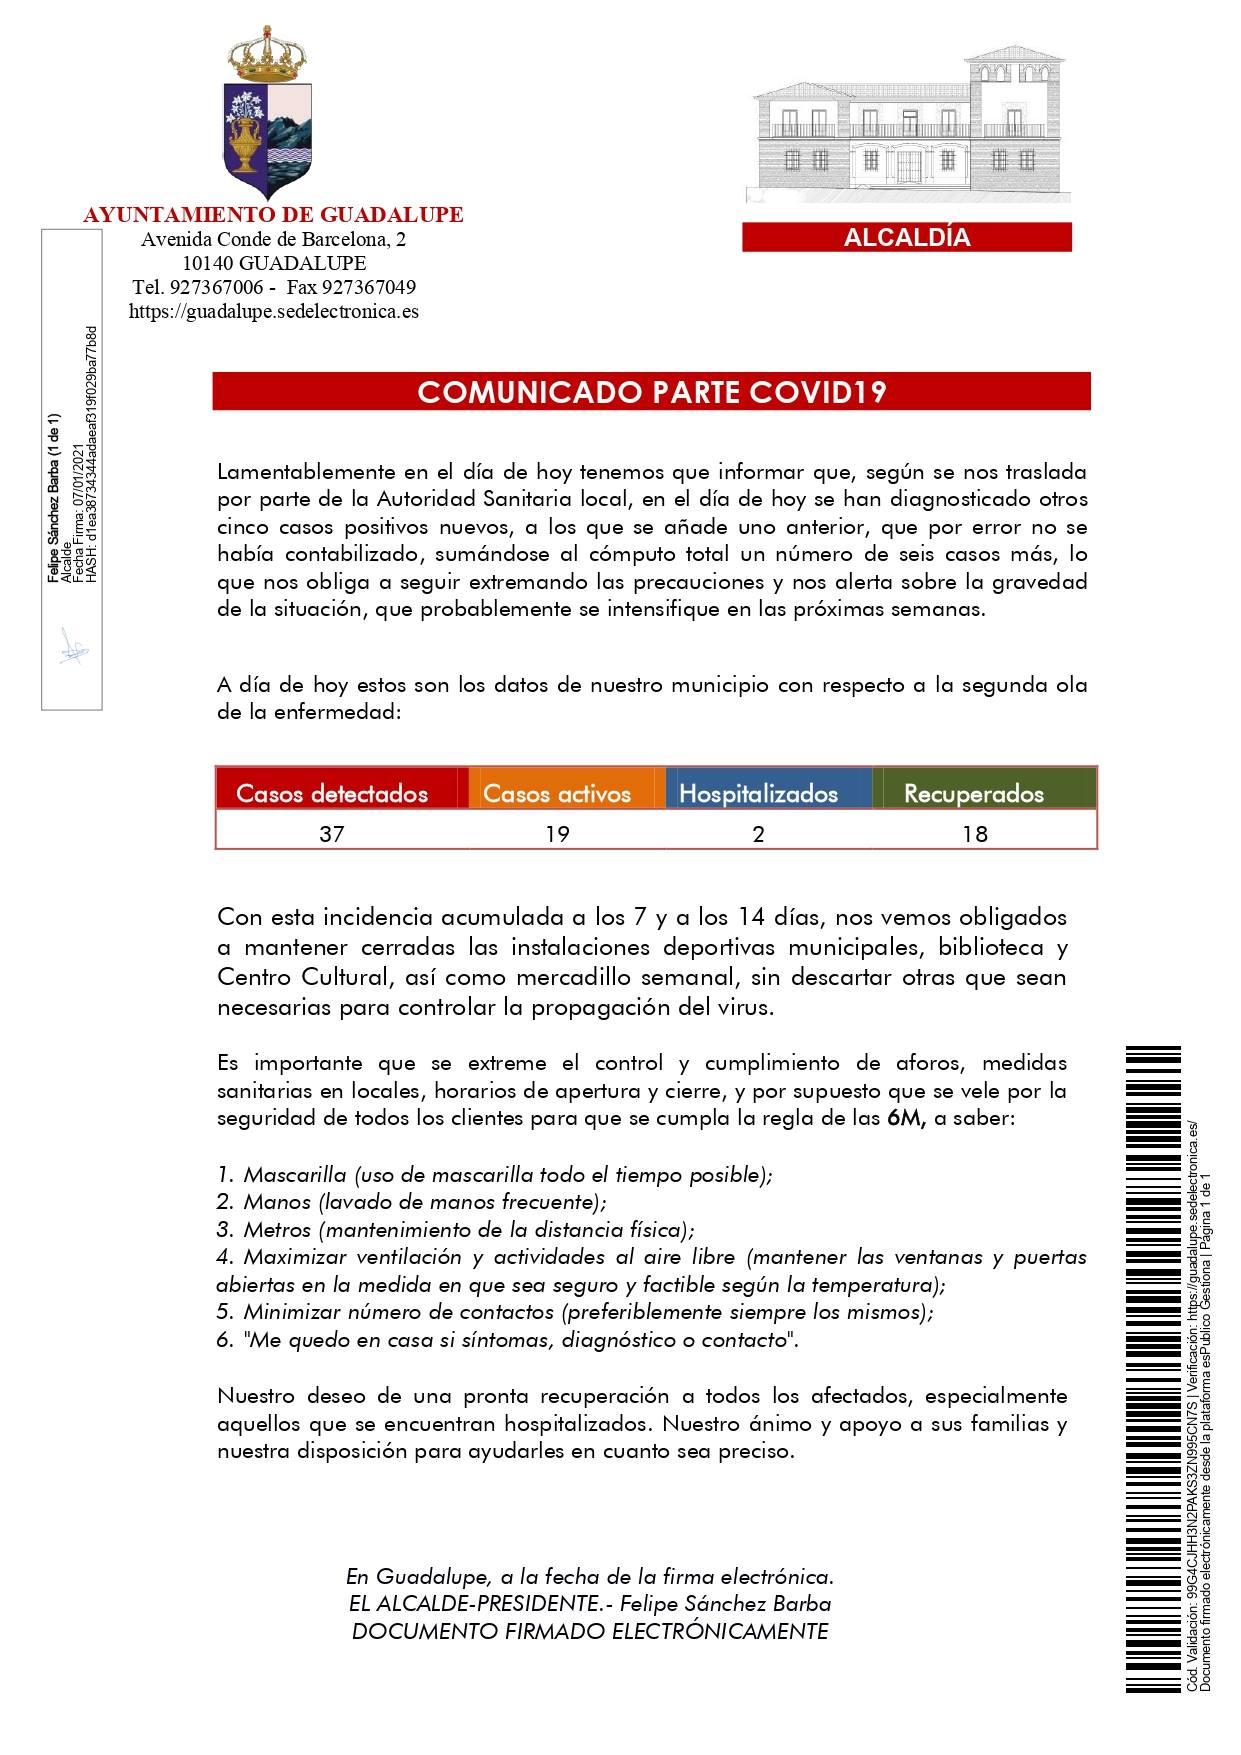 6 nuevos casos positivos de COVID-19 (enero 2021) - Guadalupe (Cáceres)